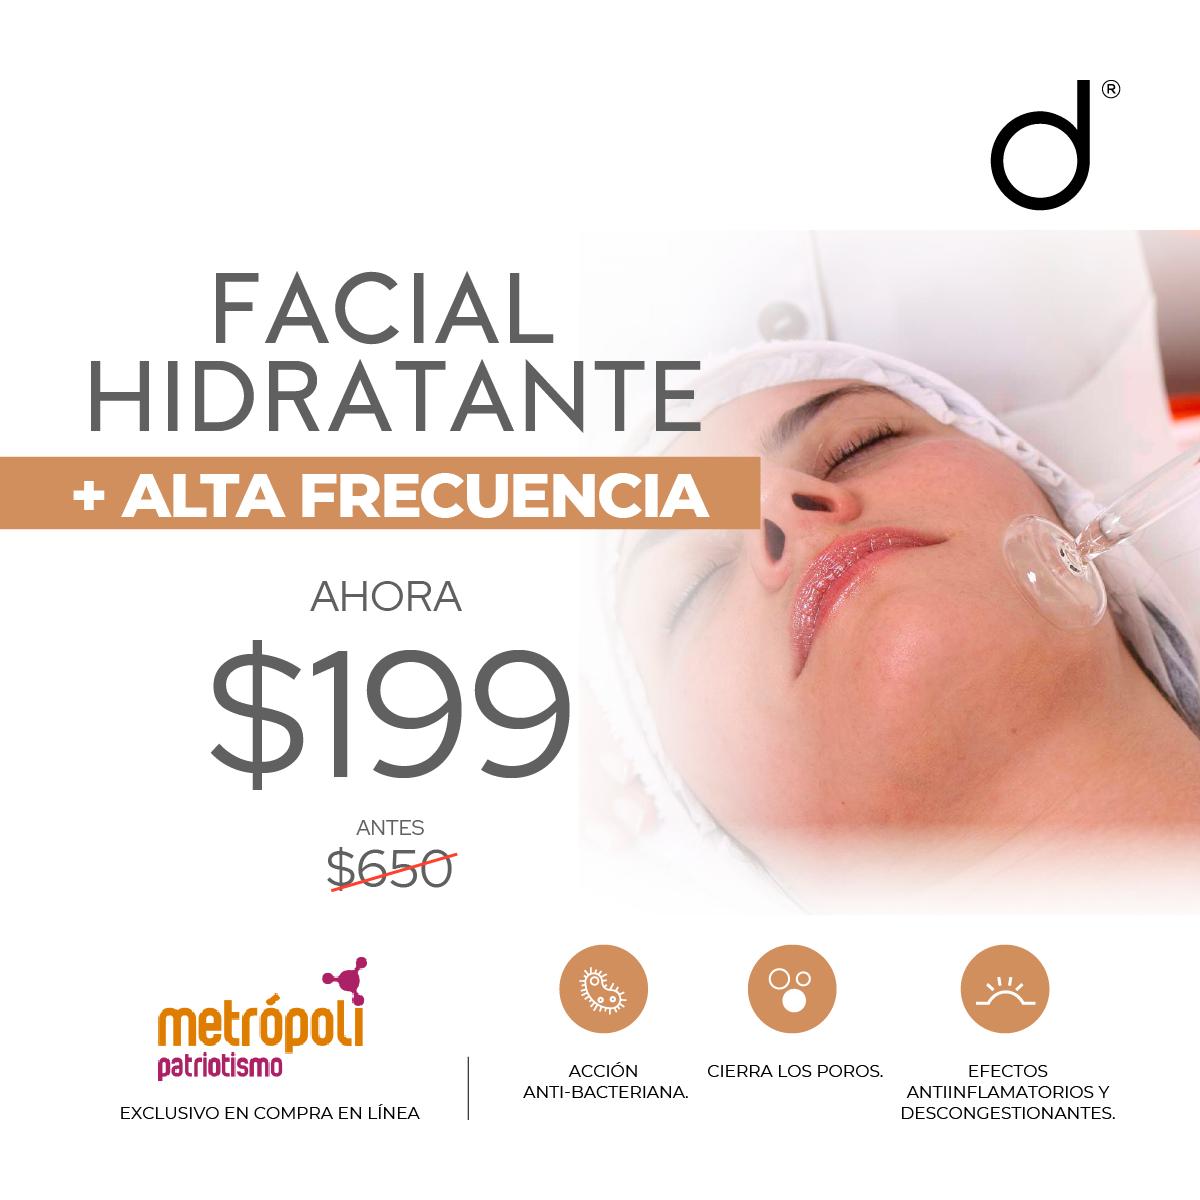 Facial Hidratante + Alta Frecuencia- SÓLO METROPOLI PATRIOTISMO&w=900&h=900&fit=crop